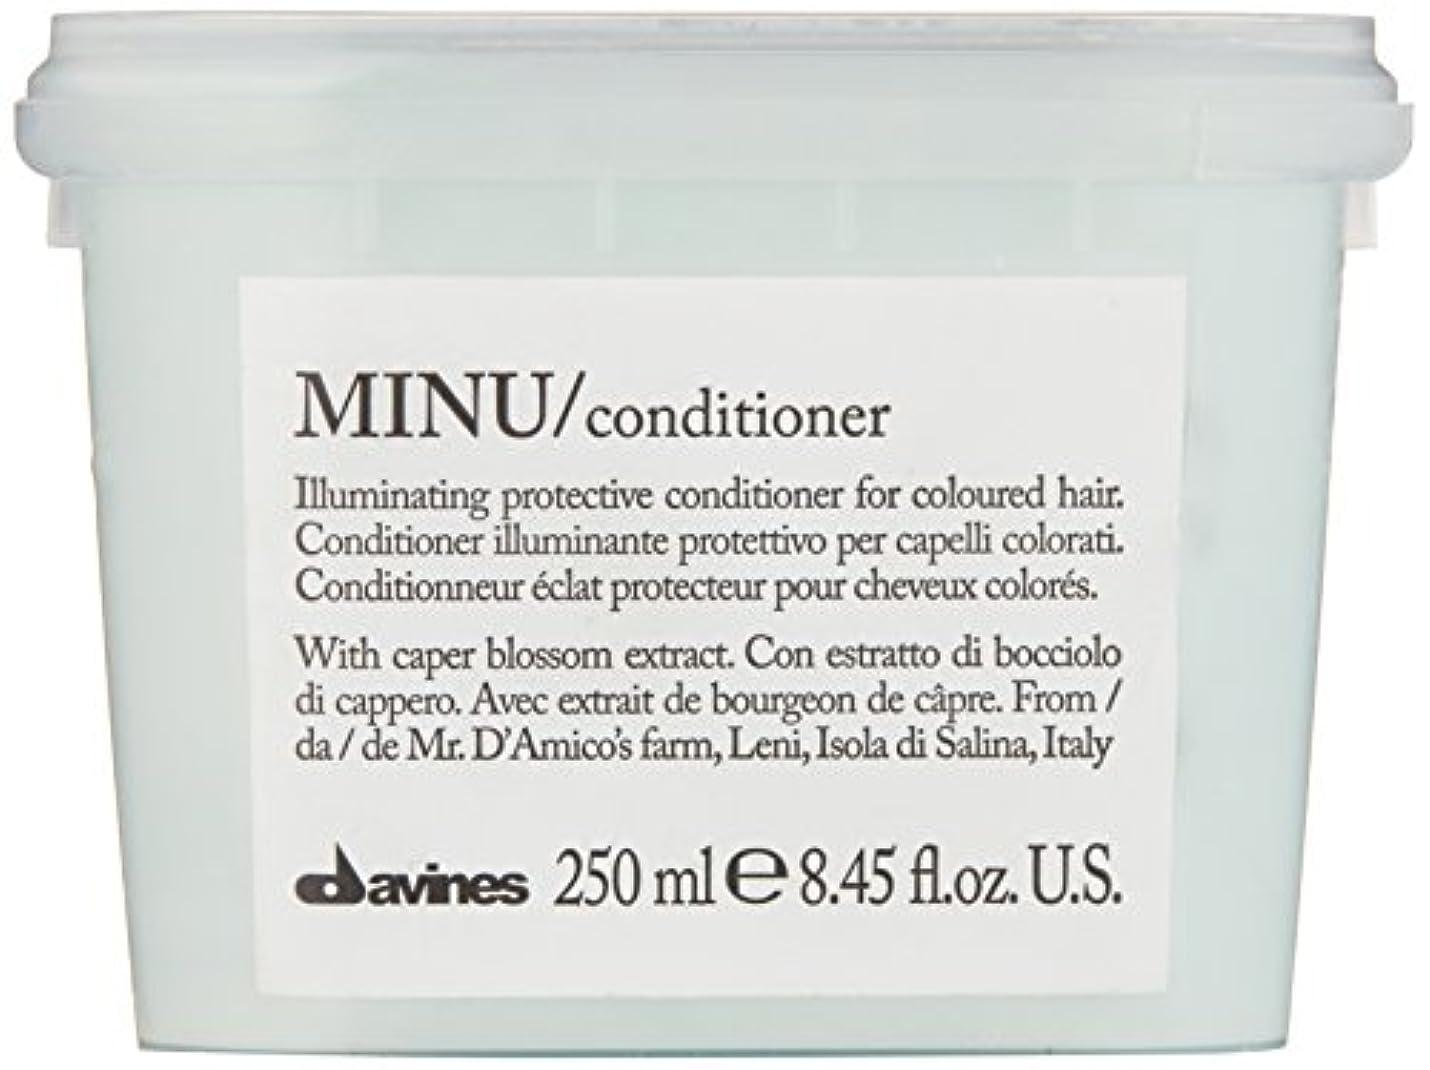 ダンス容量完了ダヴィネス Minu Conditioner Illuminating Protective Conditioner (For Coloured Hair) 250ml/8.45oz並行輸入品